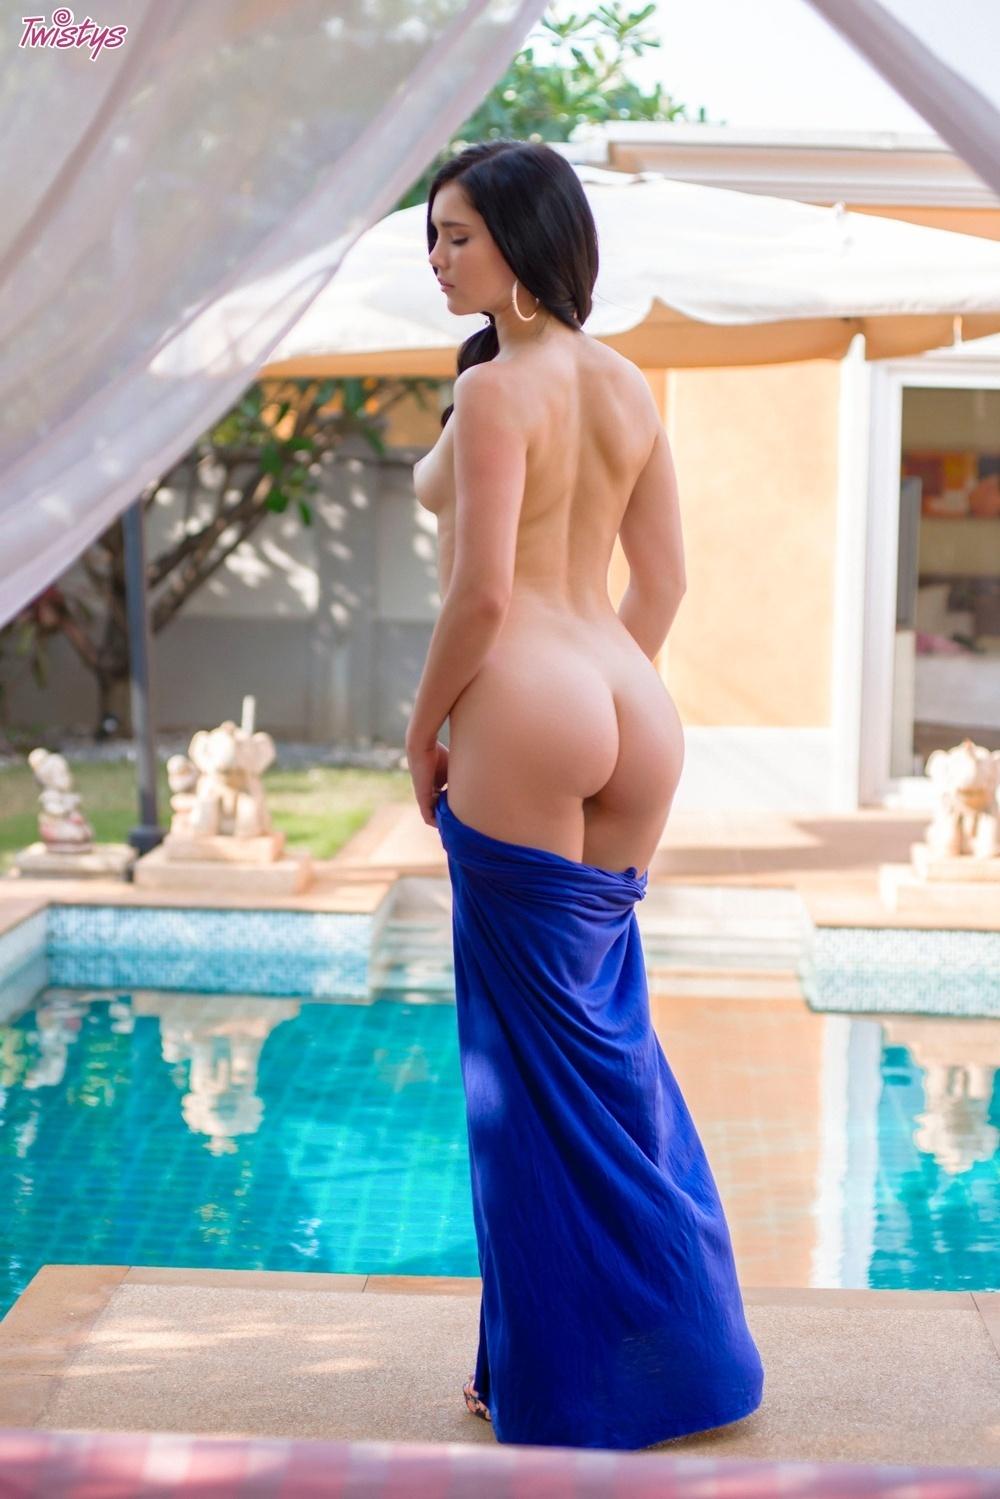 Twistys: Malena in Sexy Blue Dress